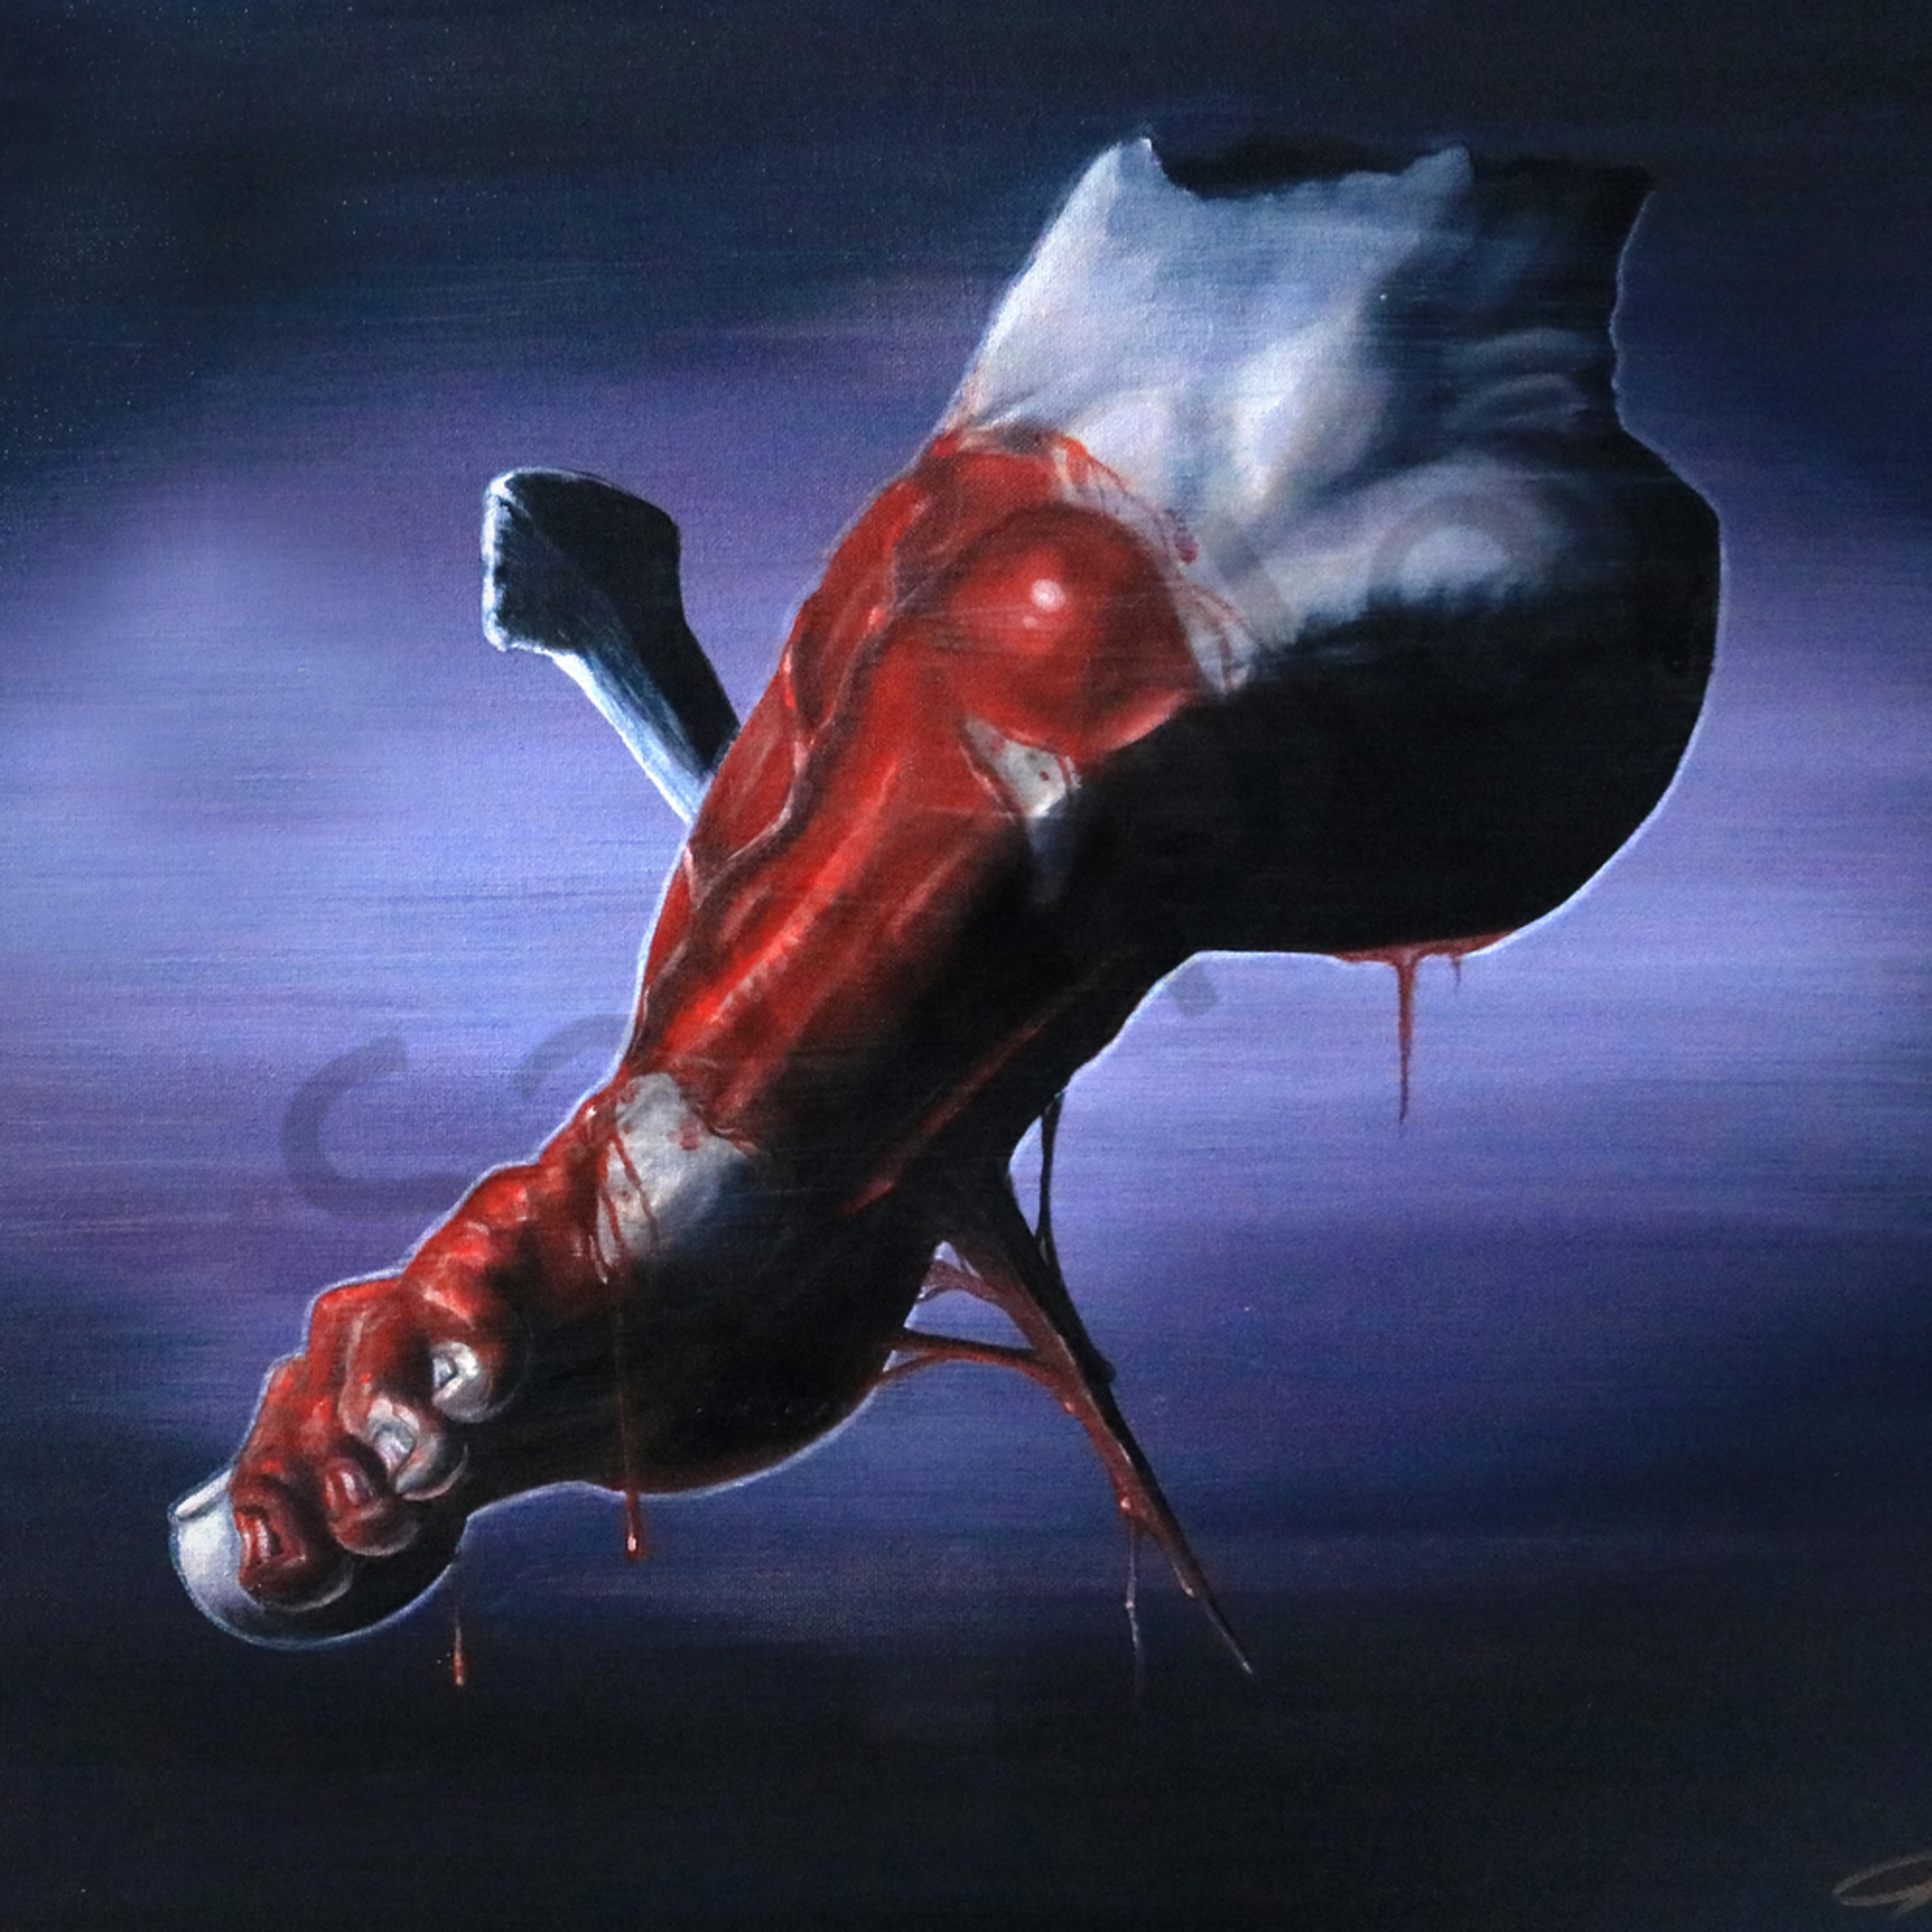 The pierced one 2 by jordan murphy qmbc0g